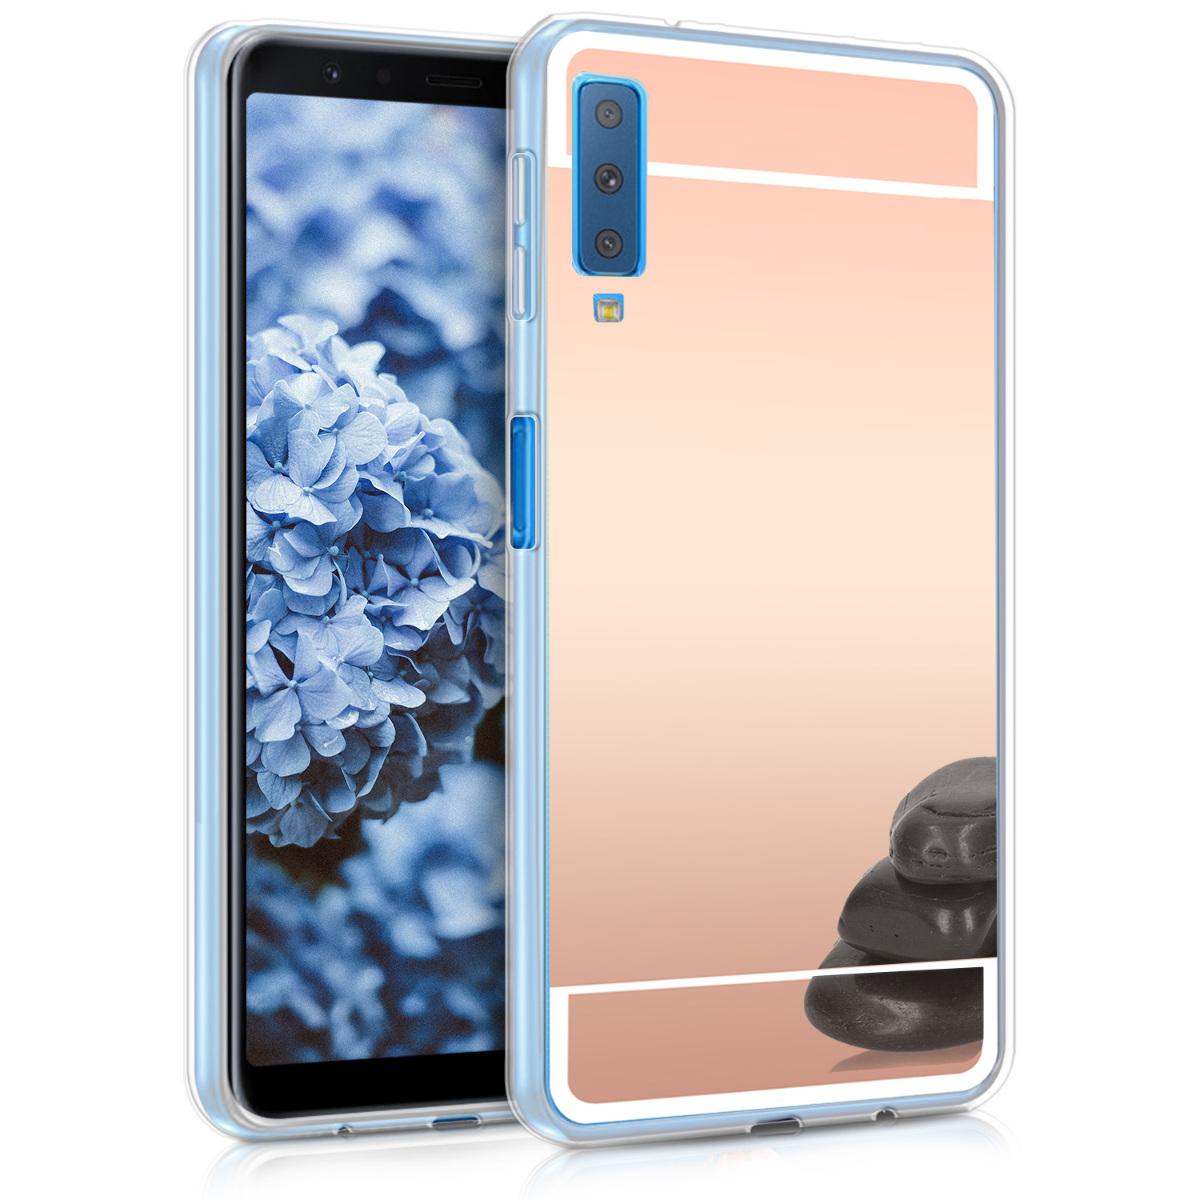 KW Θήκη Σιλικόνης με Καθρέφτη Samsung Galaxy A7 2018 - Rose Gold (47212.41)